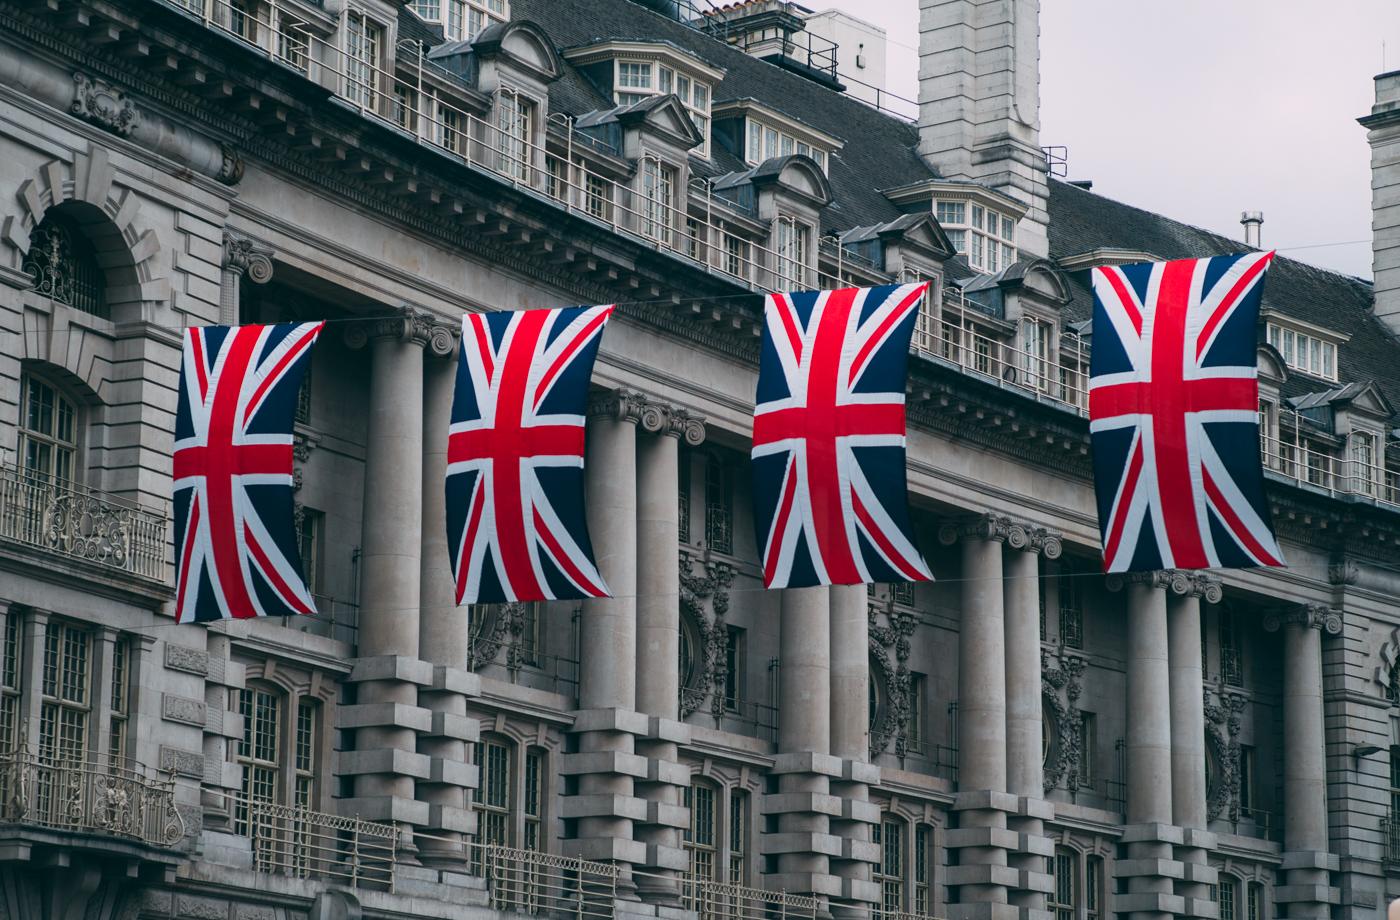 4 Union Jacks